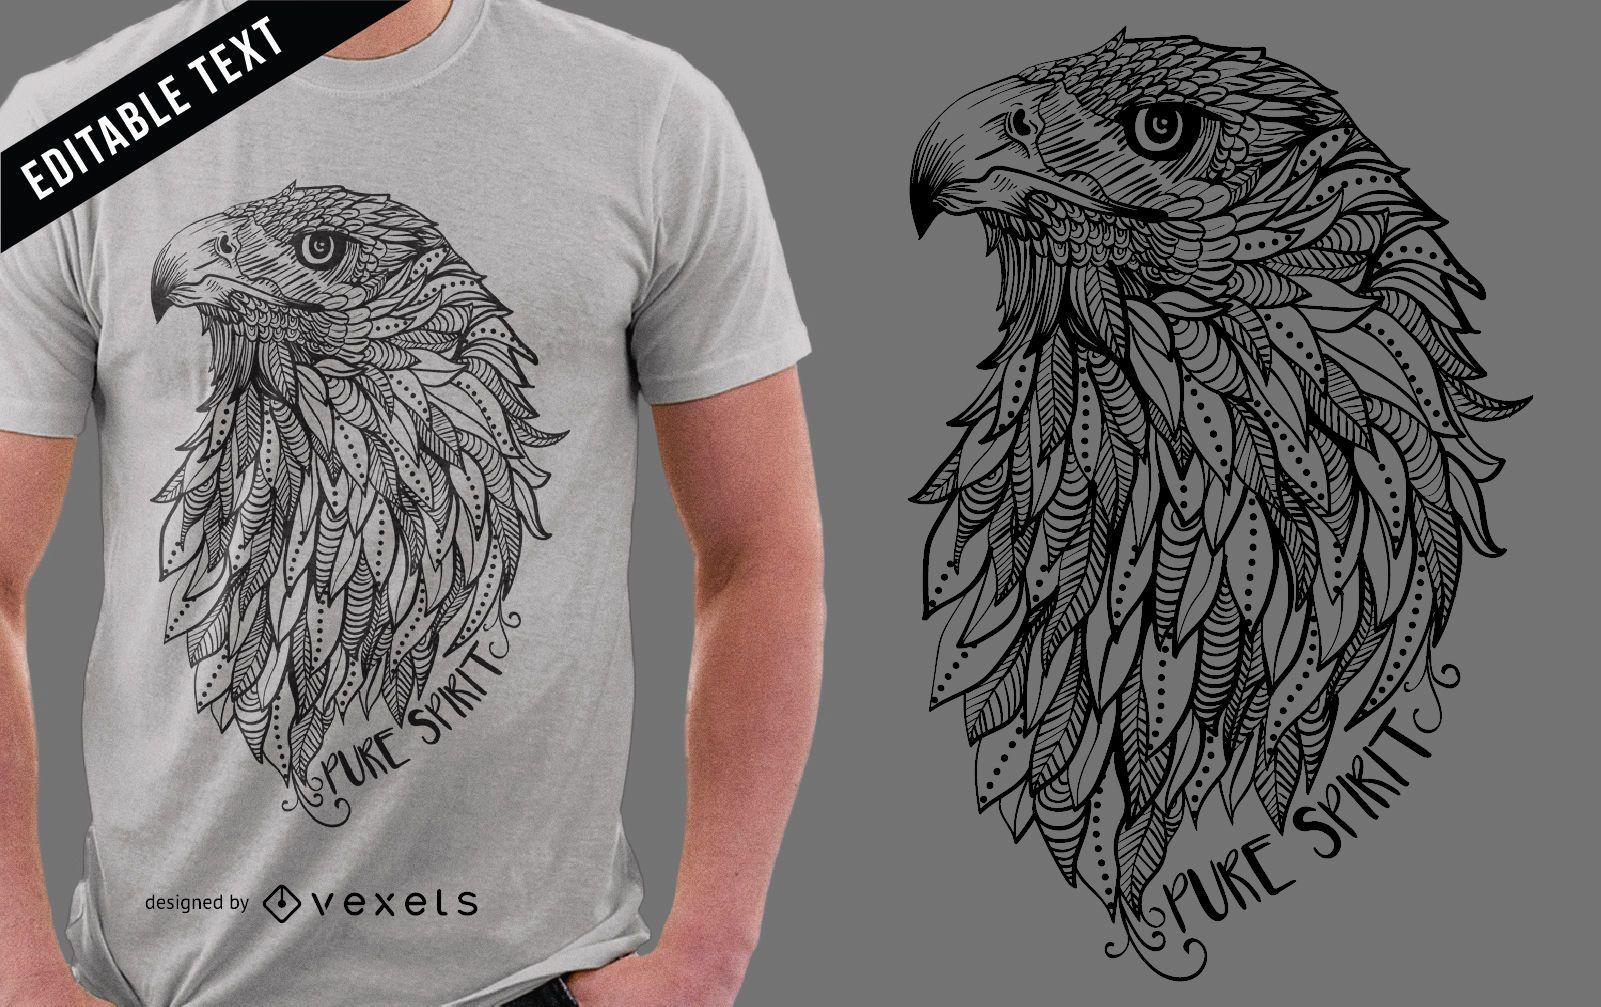 Eagle illustration t-shirt design